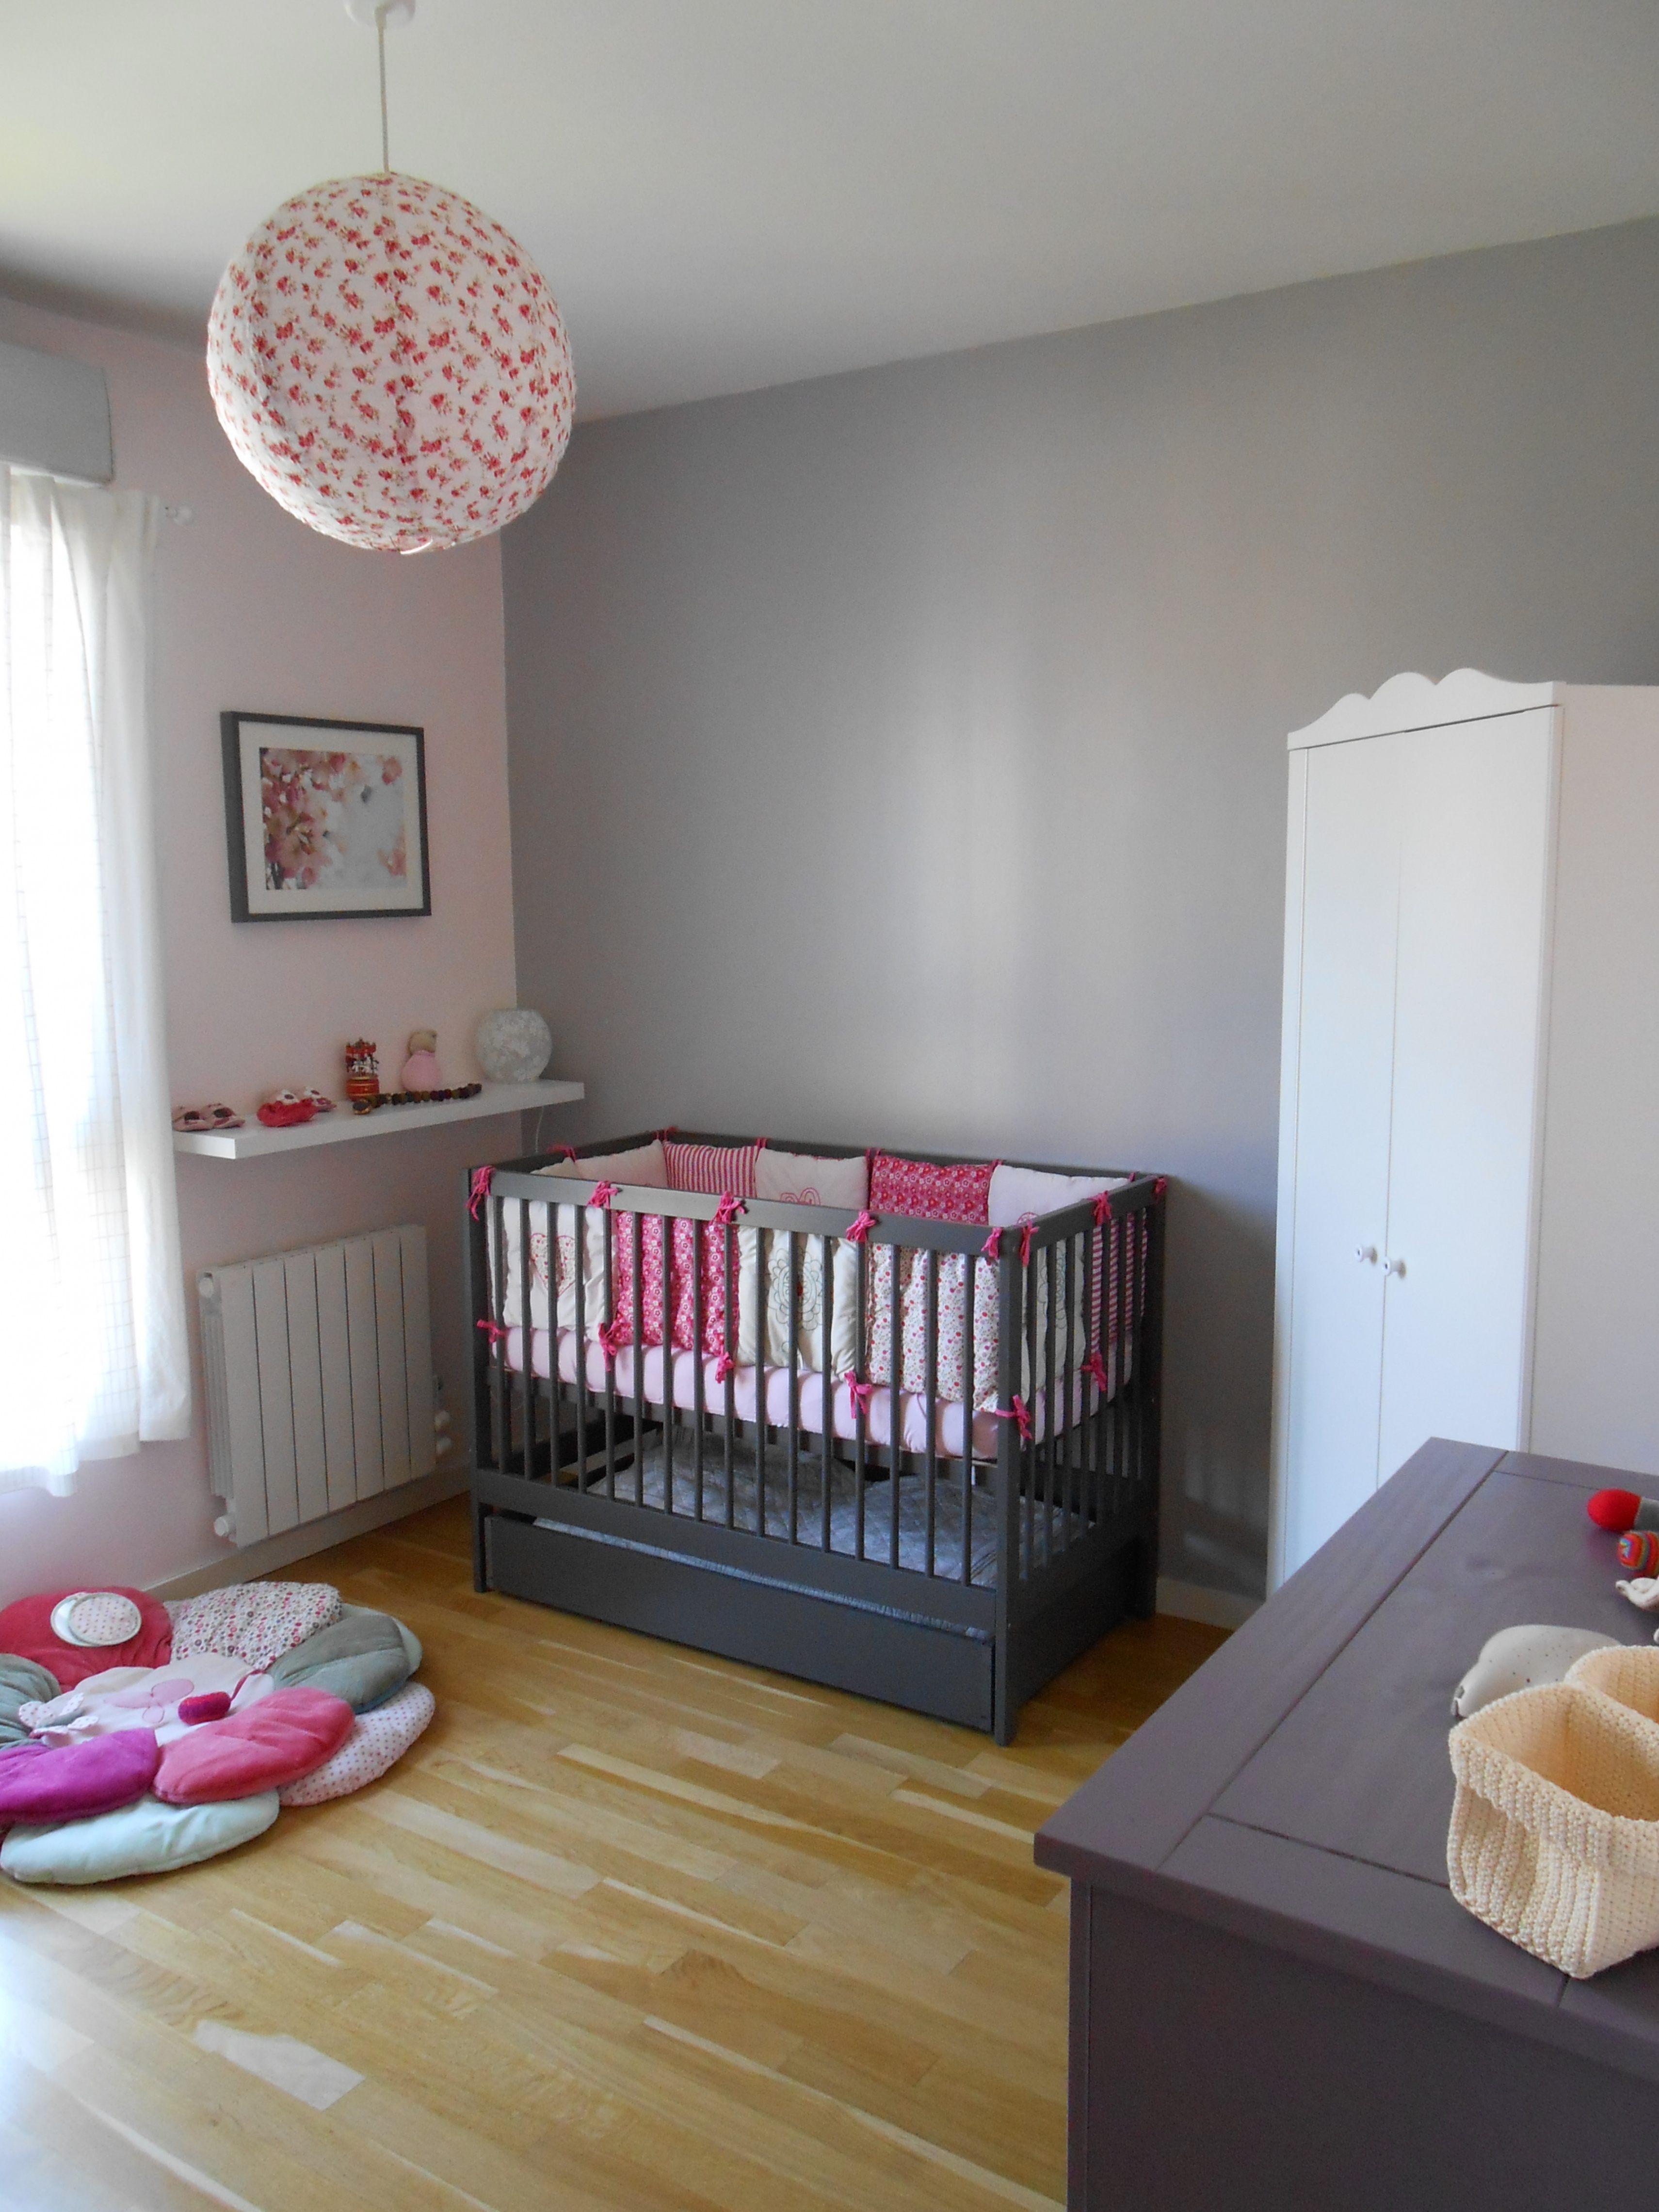 Tour De Lit Bébé Kiabi Le Luxe Maha De Rideau Chambre Bébé Fille Mahagranda De Home